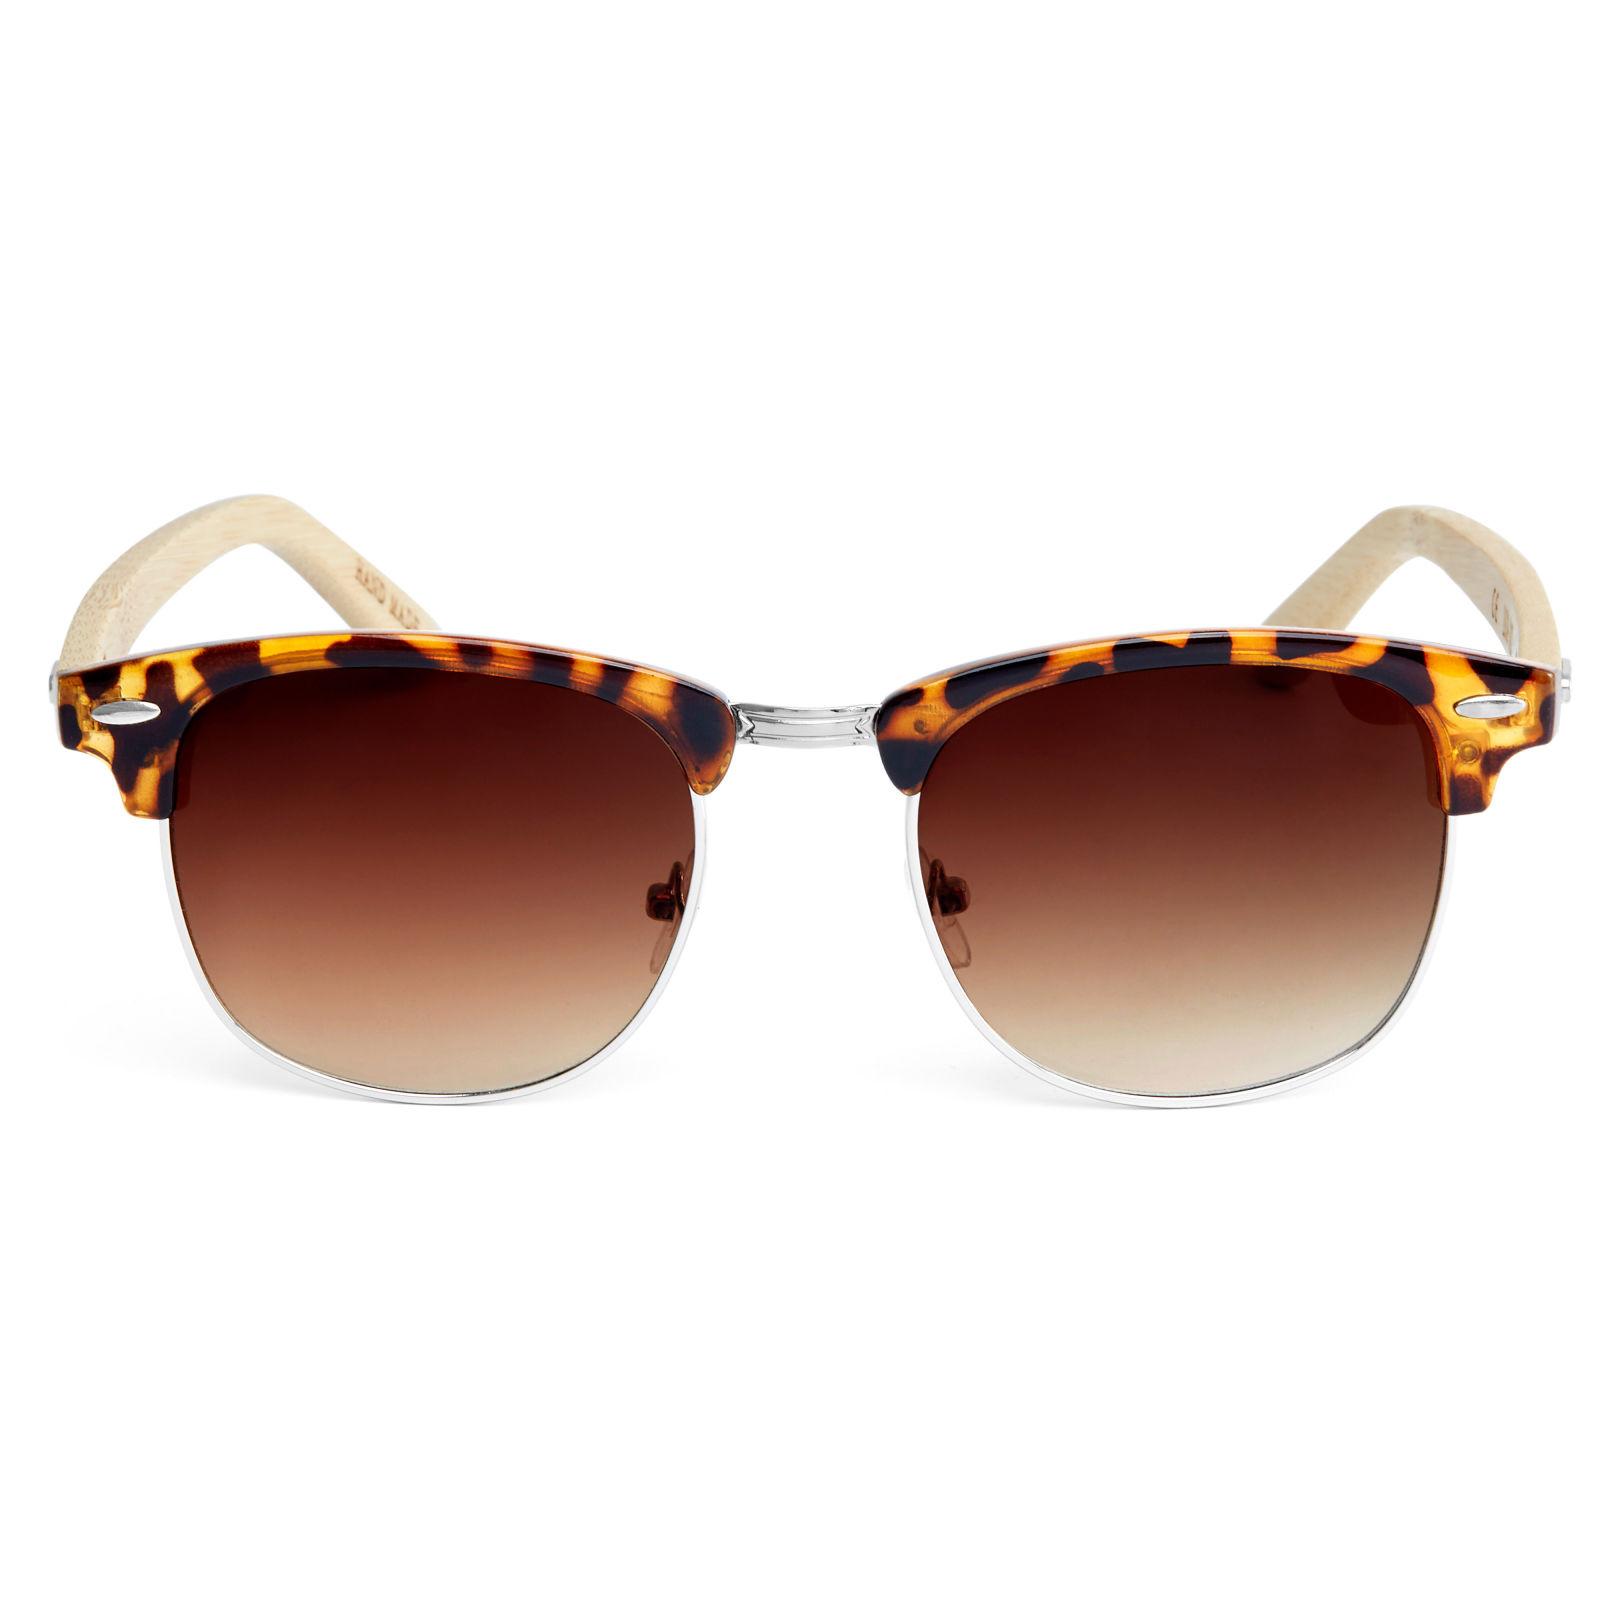 Γυαλιά Ηλίου Brown Tortoise Wood Ντεγκραντέ  2c49e0d3d27